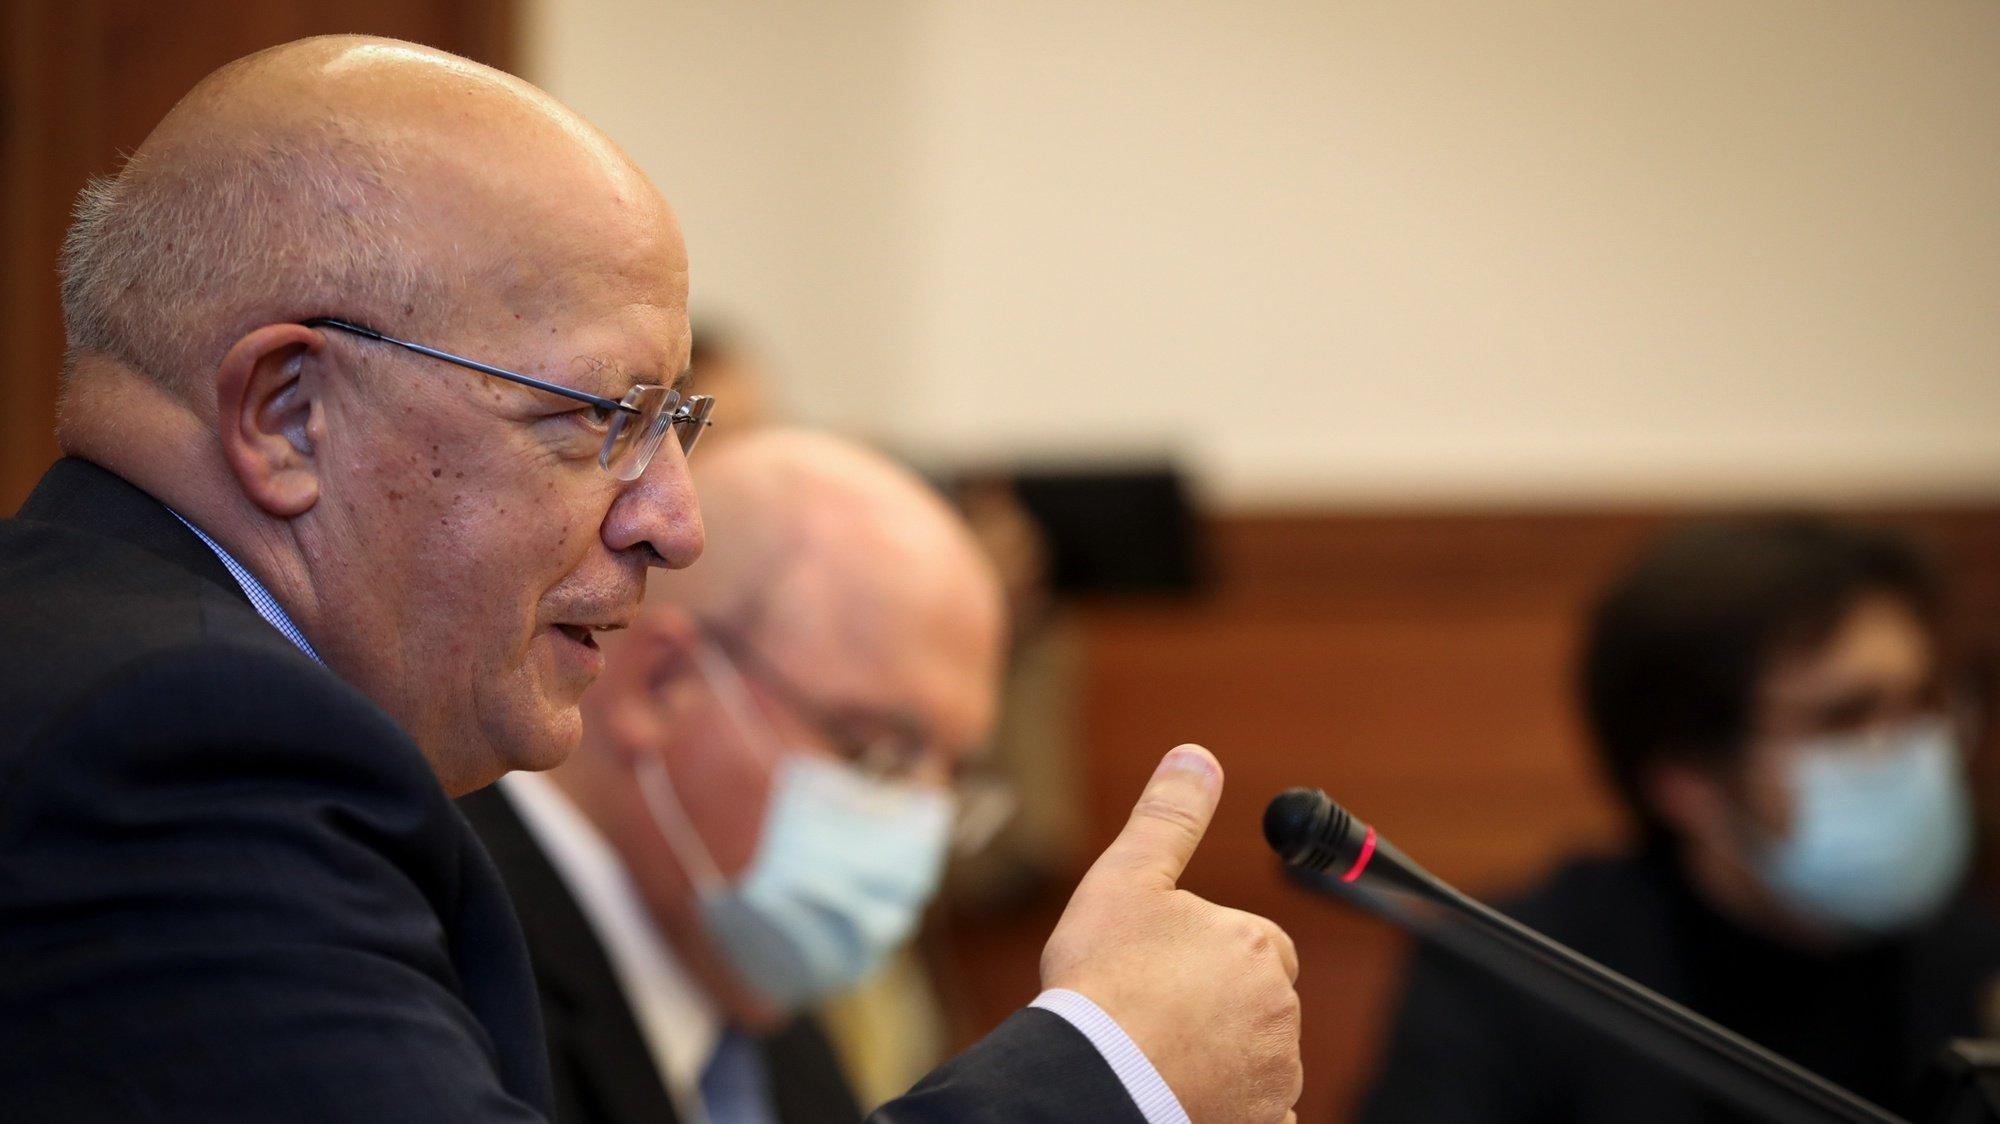 O ministro de Estado e dos Negócios Estrangeiros, Augusto Santos Silva, durante a audição na Comissão de Assuntos Europeus na Assembleia da República, Lisboa, 17 de novembro de 2020.   MANUEL DE ALMEIDA/LUSA